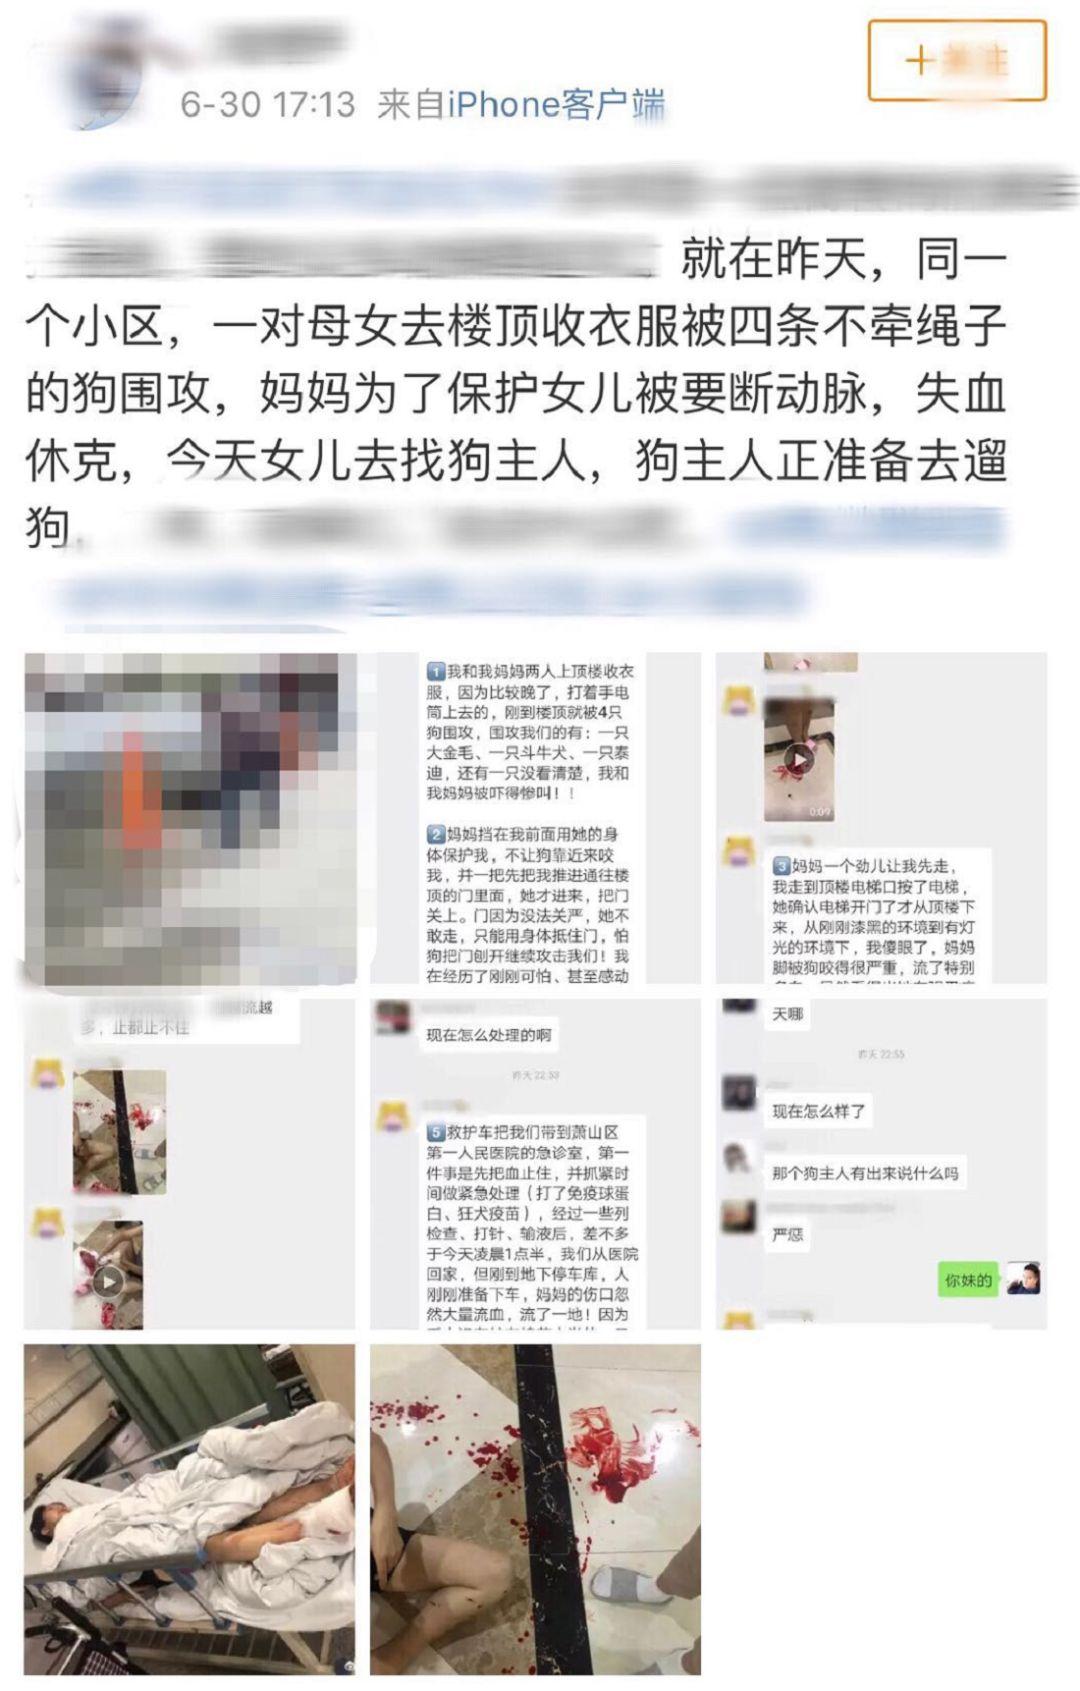 杭州母女遭4狗围攻:母亲被咬失血休克 狗主不阻止